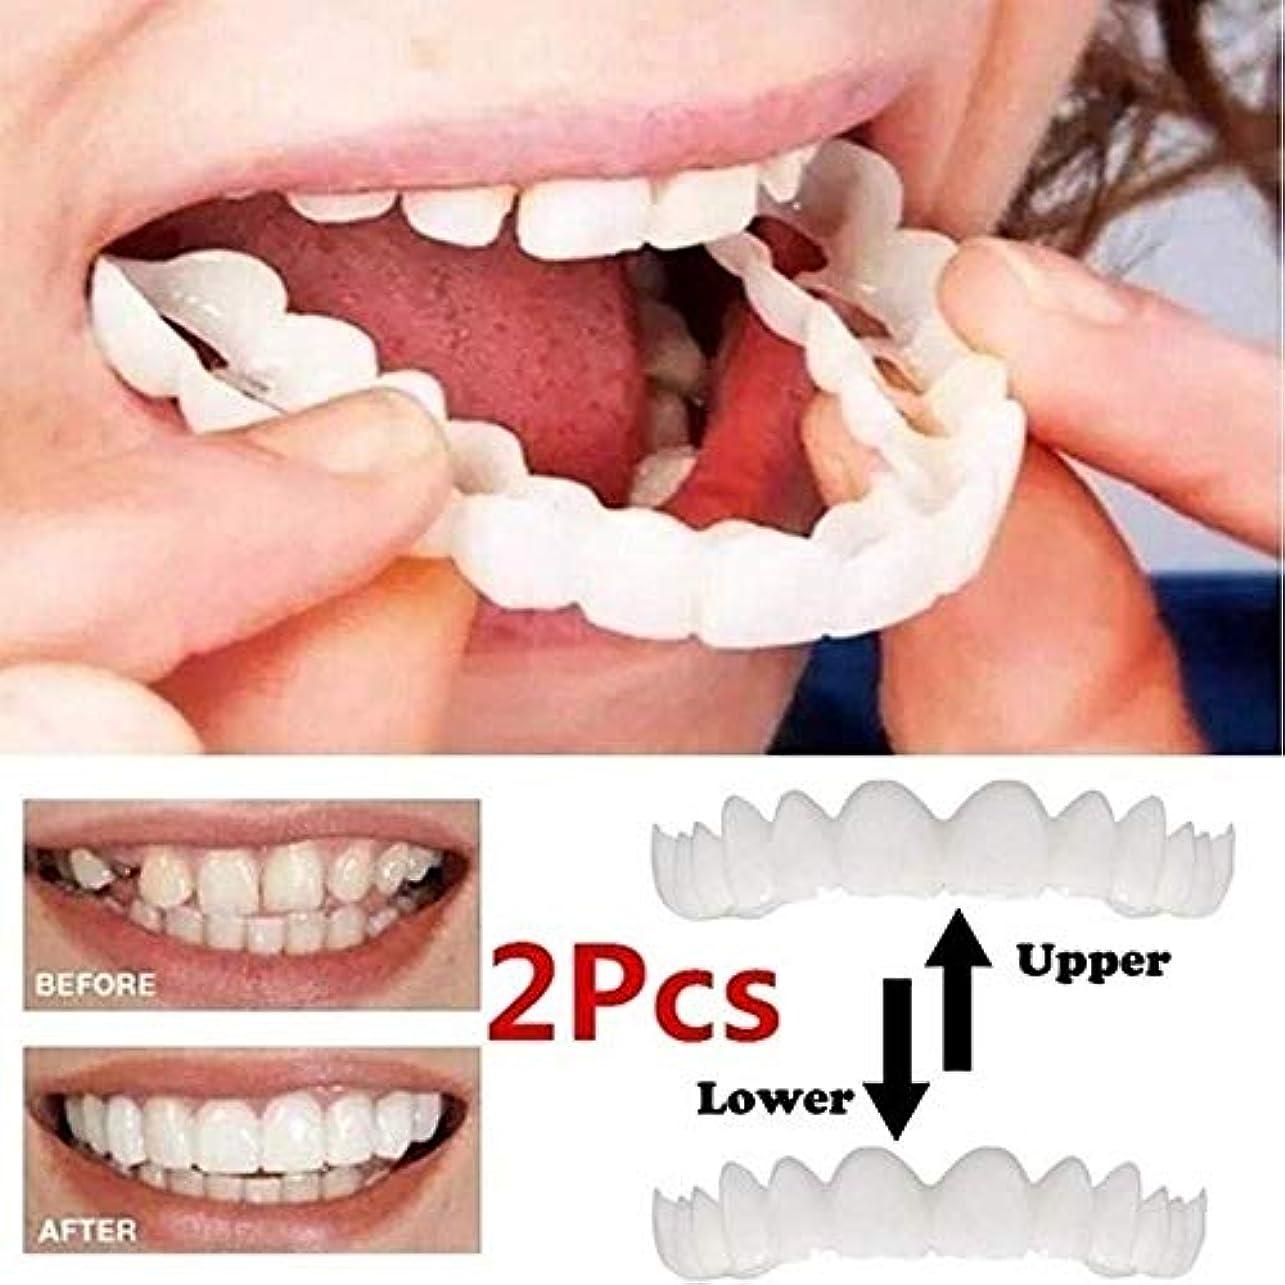 壊れた日の出エスカレート2ピース上下義歯インスタントスマイルコンフォートフレックス化粧品歯義歯1つのサイズにフィット最も快適な義歯ケア